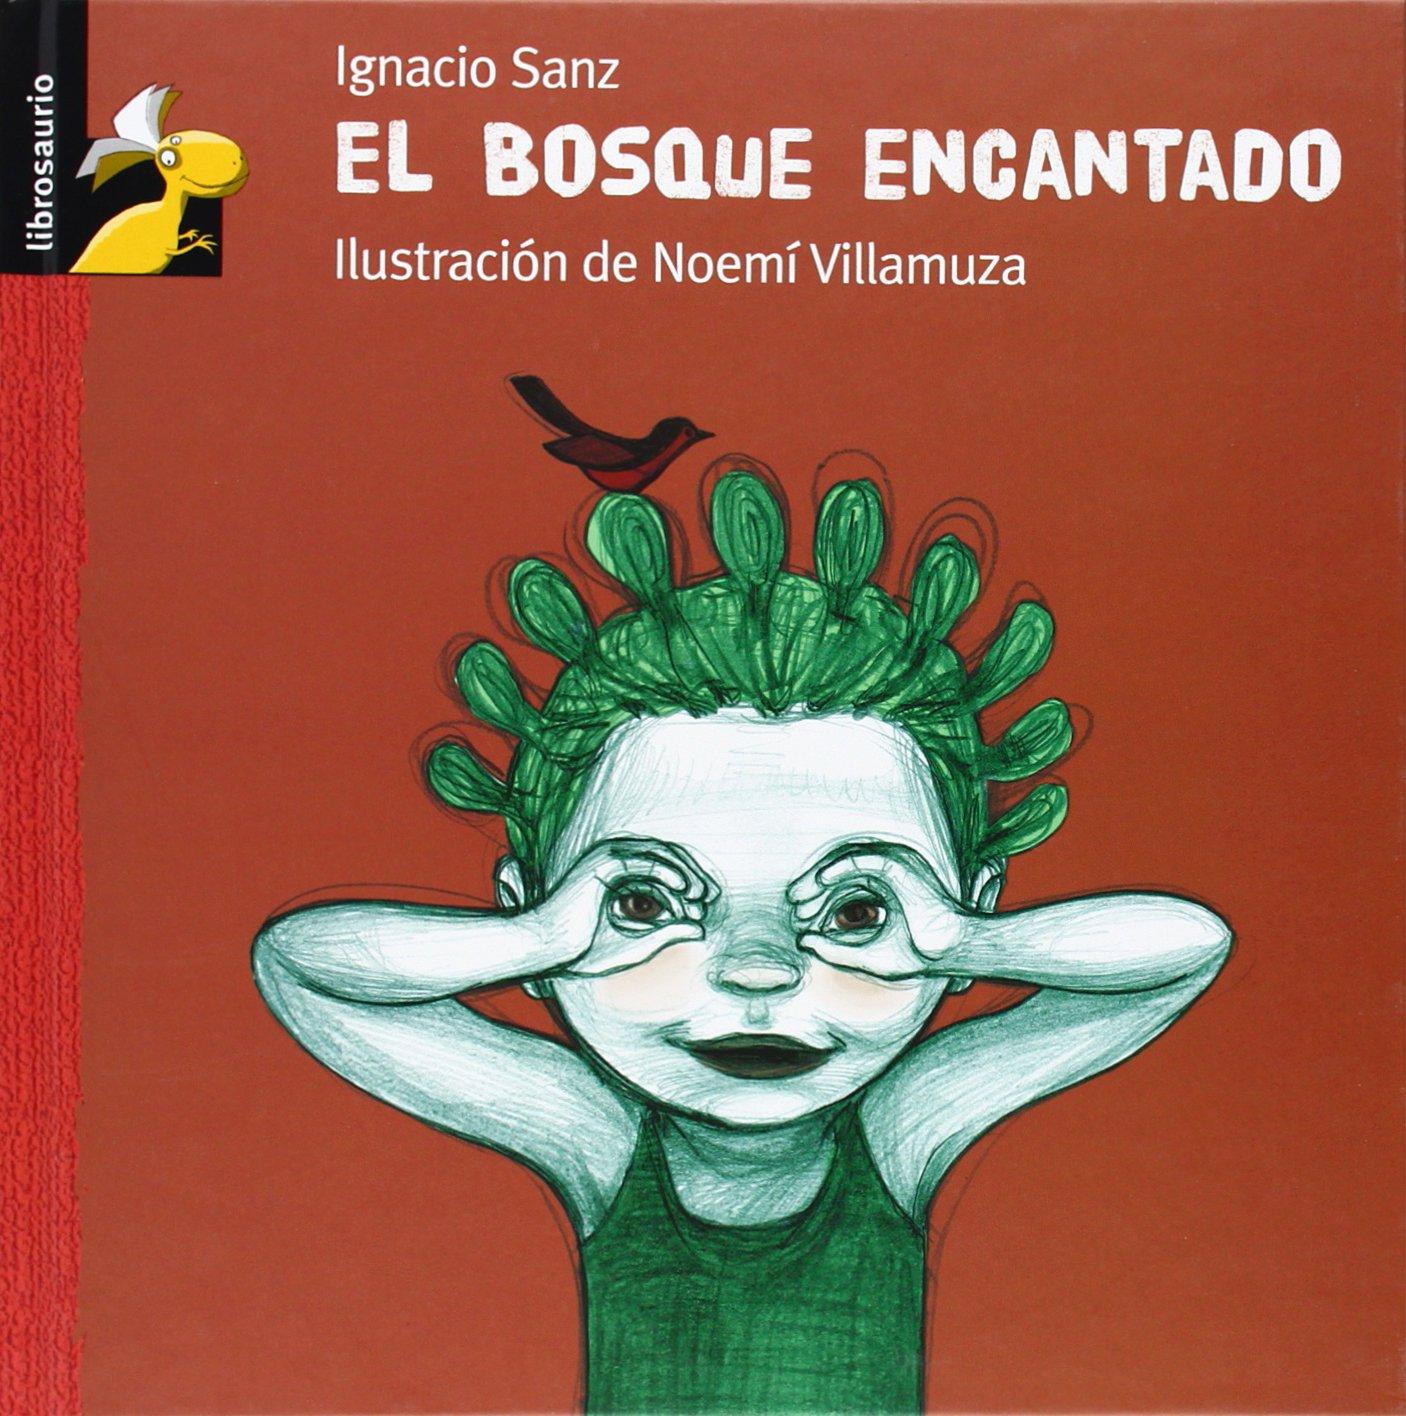 El bosque encantado (Librosaurio) (Spanish Edition): Ignacio Sanz, Noemí Villamuza: 9788479421830: Amazon.com: Books